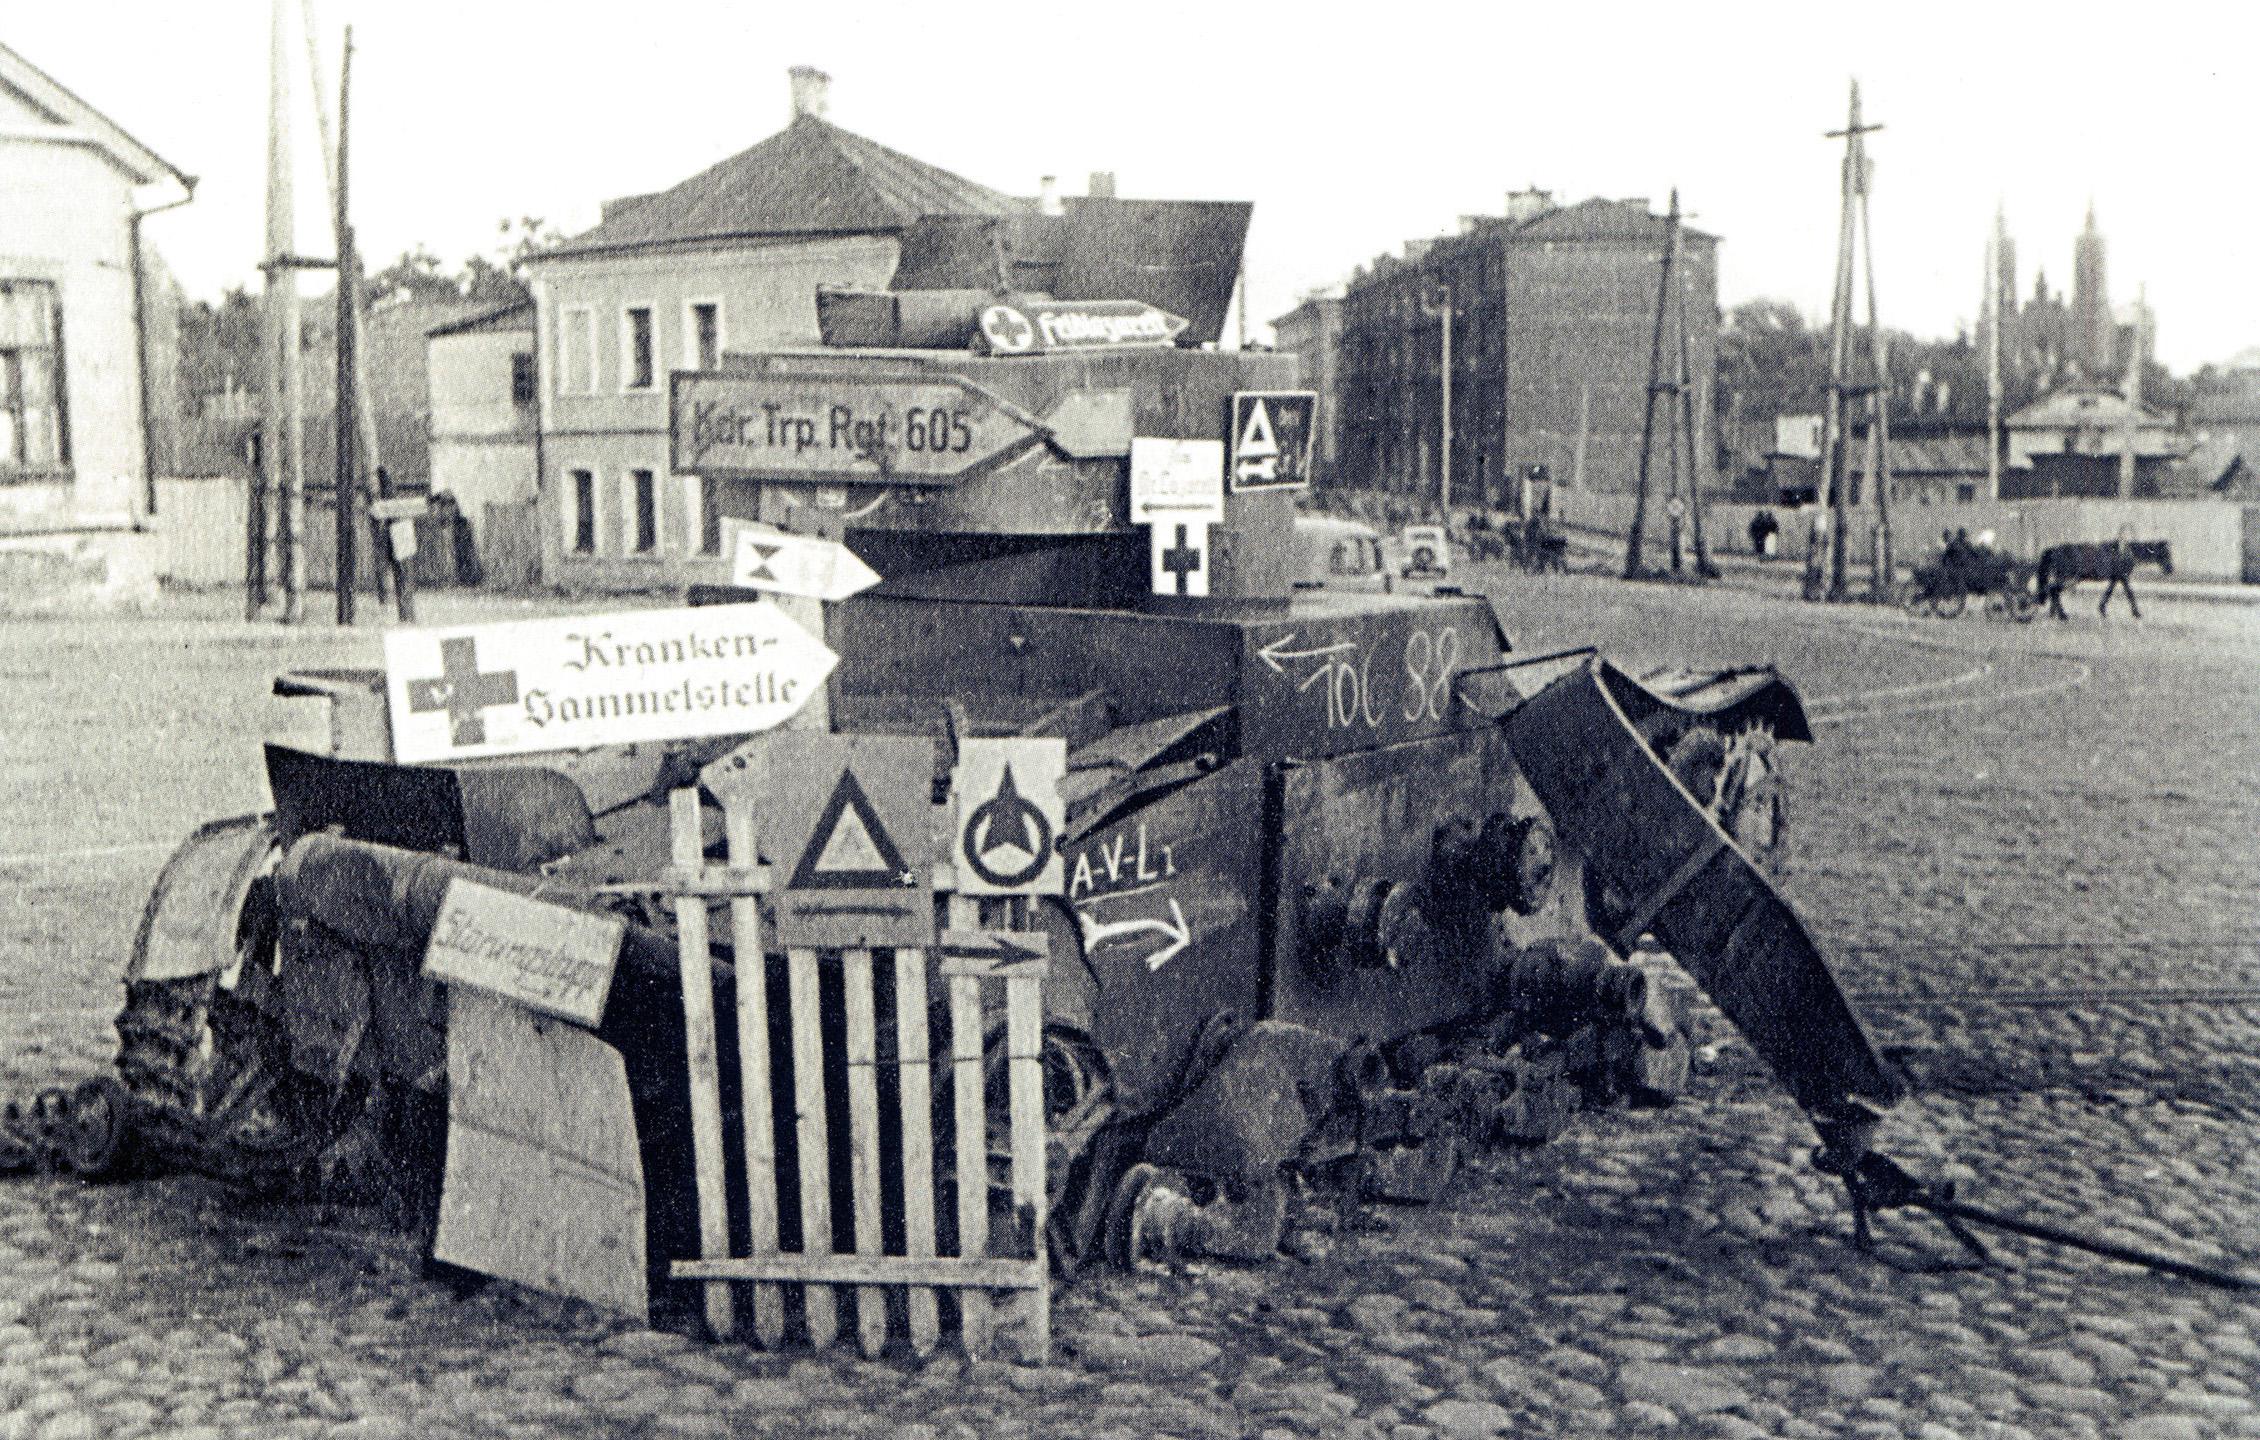 1941. Подбитый Т-26 с немецкими указателями на площади Смирнова